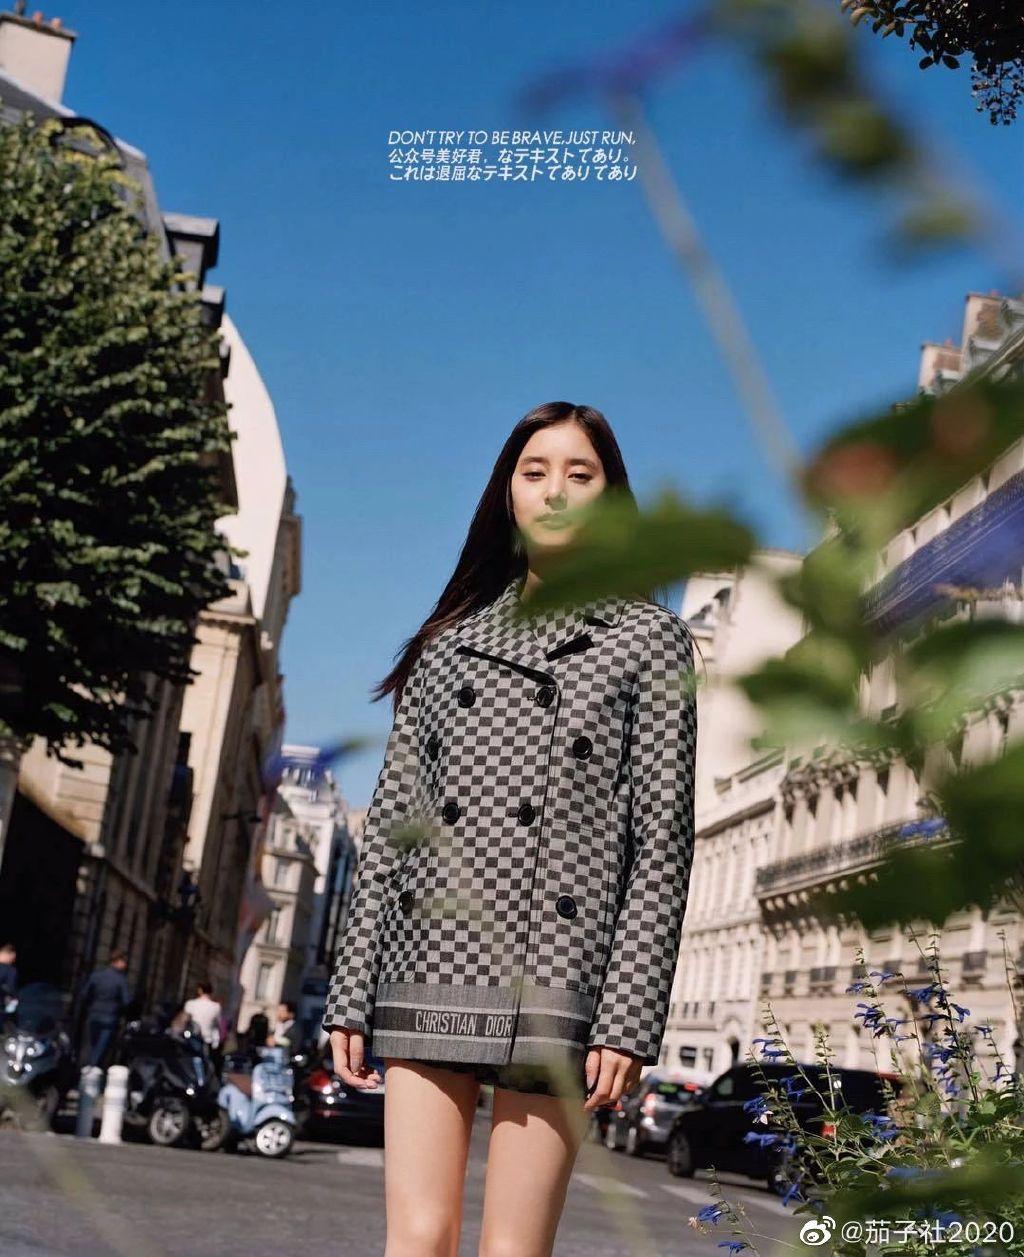 日式清新新木優子:这双大长腿和美背简直了